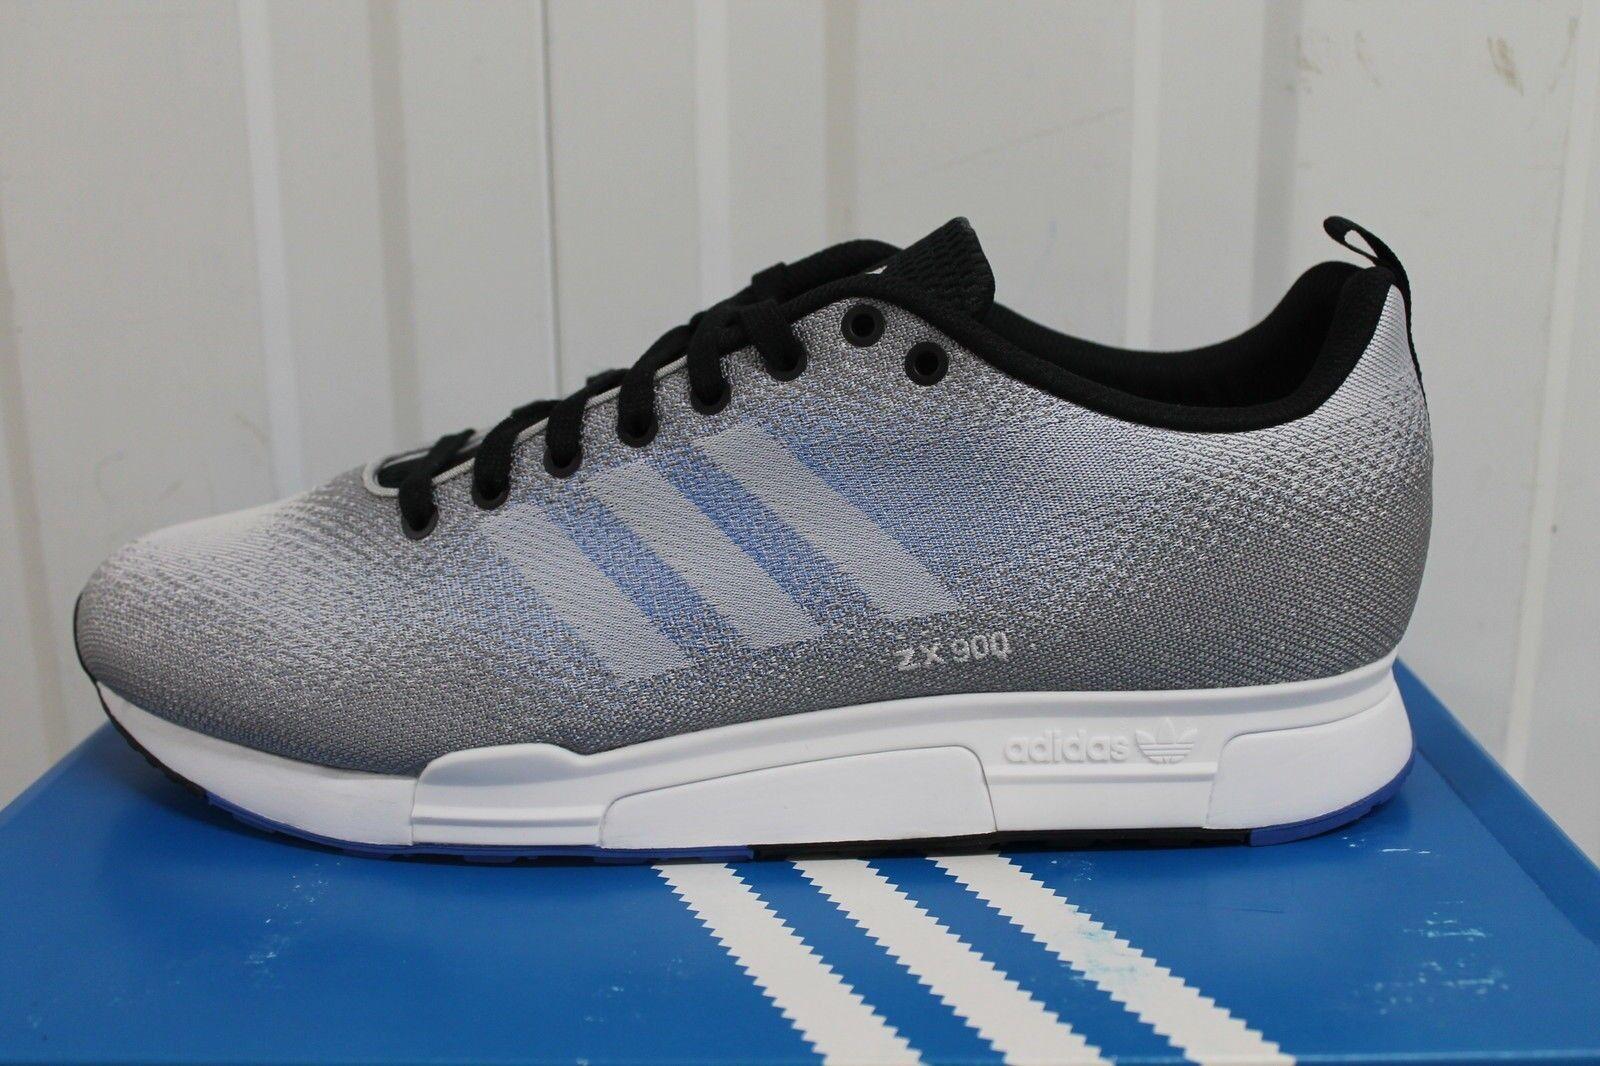 ADIDAS ZX 900 900 900 WEAVE grigio blu tessuto B26526 NUOVO CON SCATOLA 048568